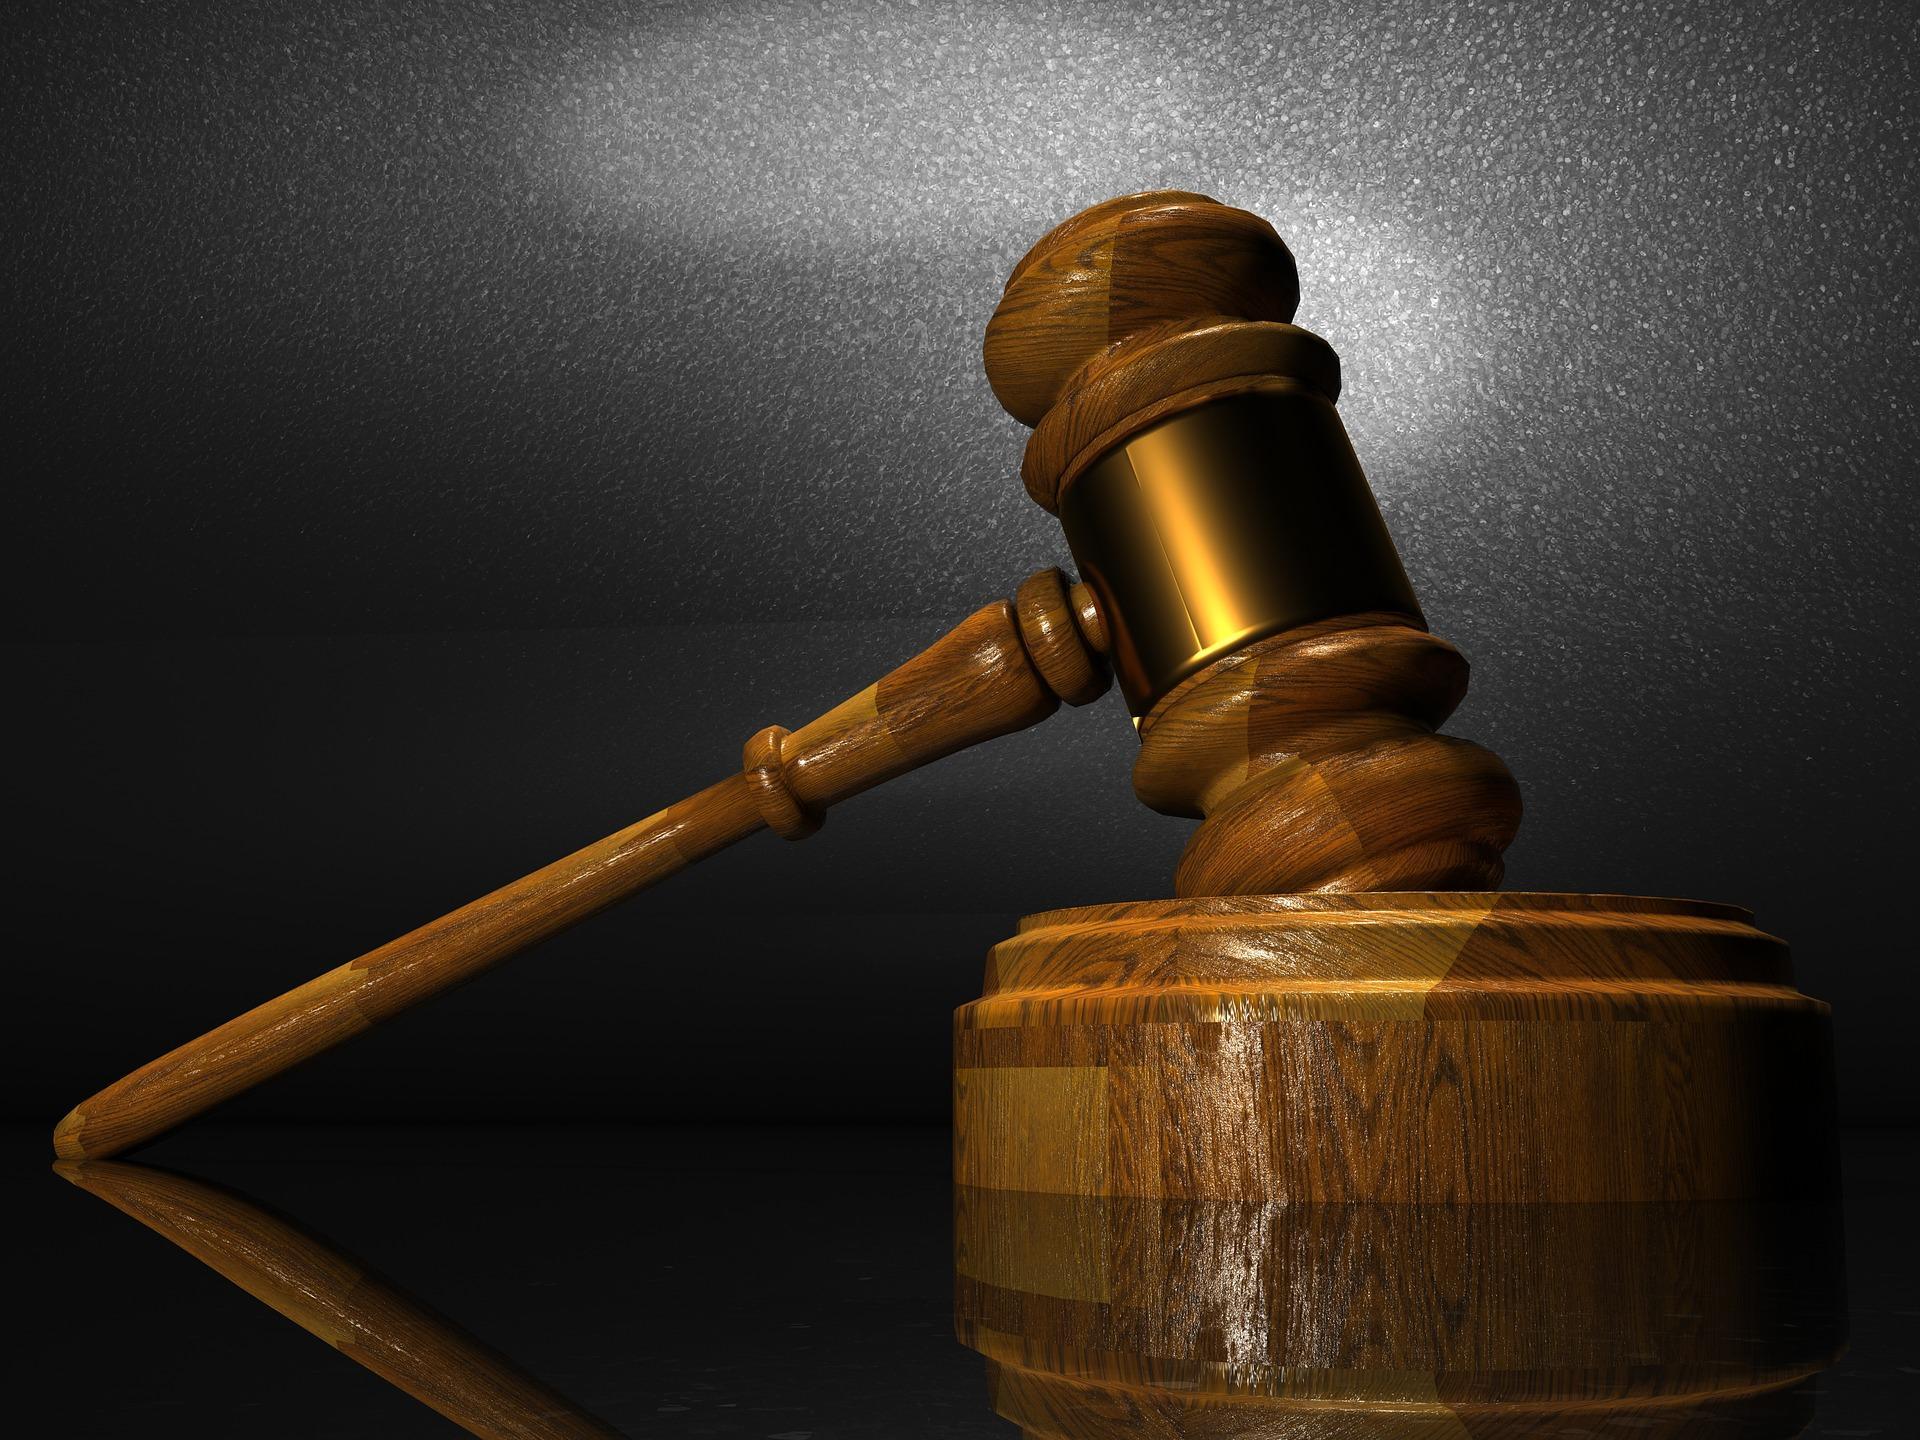 Afvallig lid Katwijkse vissersfamilie kan miljoenen 'cashen' na rechterlijke uitspraak